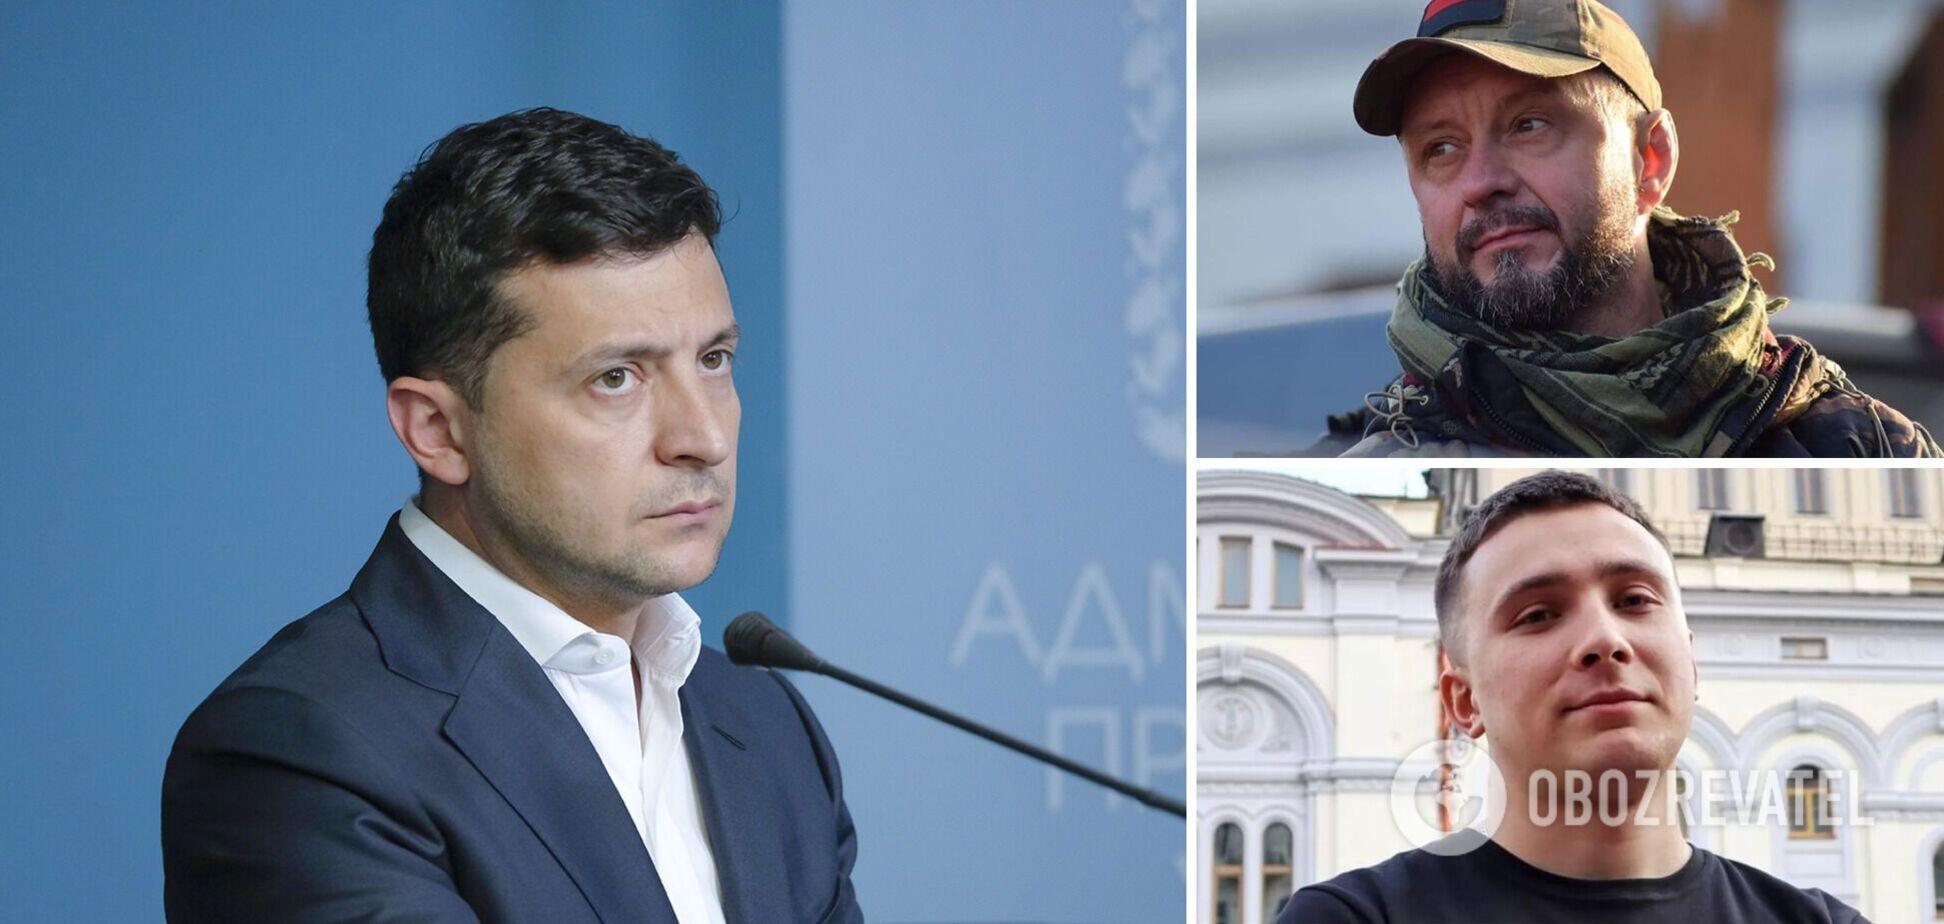 Прихильники Стерненка і Антоненка запалили фаєри біля резиденції Зеленського і оголосили новий протест. Фото та відео